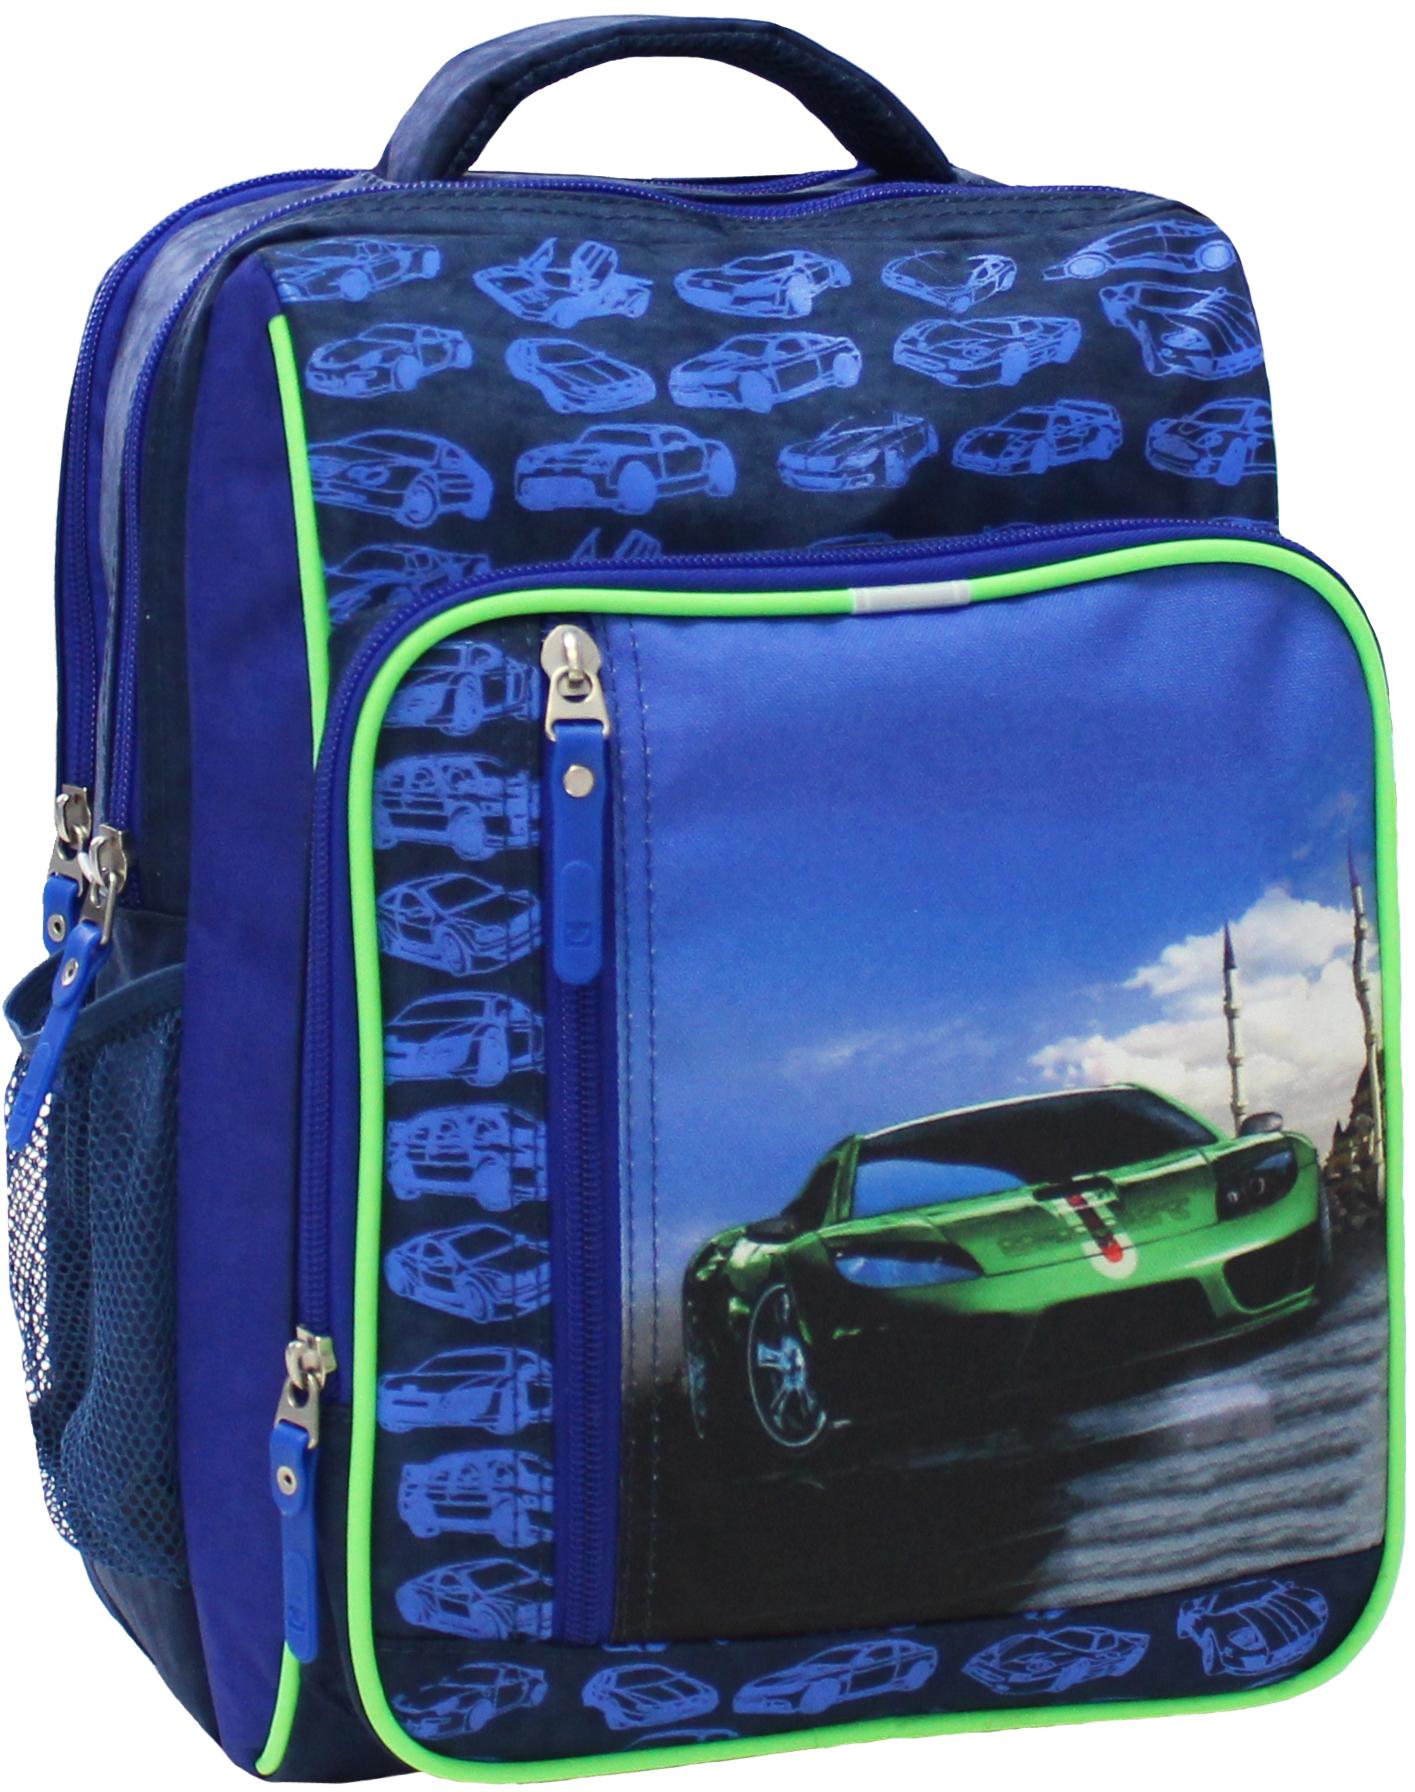 Школьные рюкзаки Рюкзак школьный Bagland Школьник 8 л. 225 синiй 58 м (00112702) IMG_5148.JPG